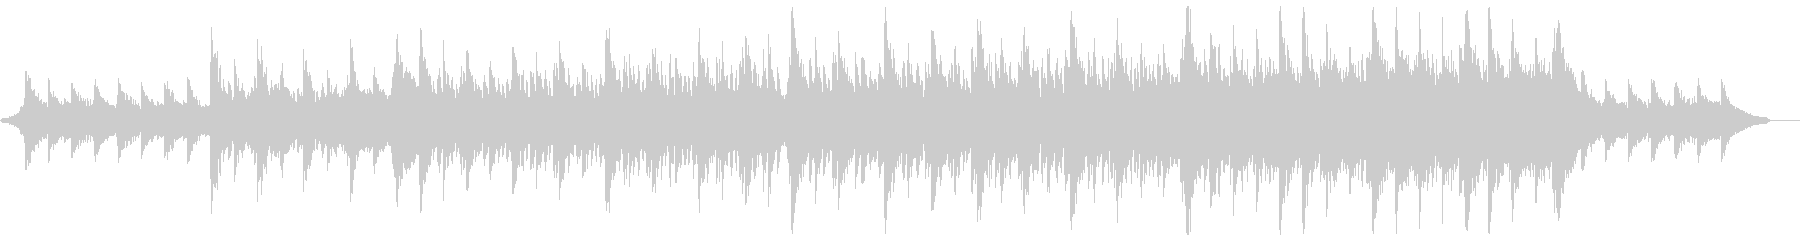 ポジティブポップオーケストラ:ブラス抜きの未再生の波形